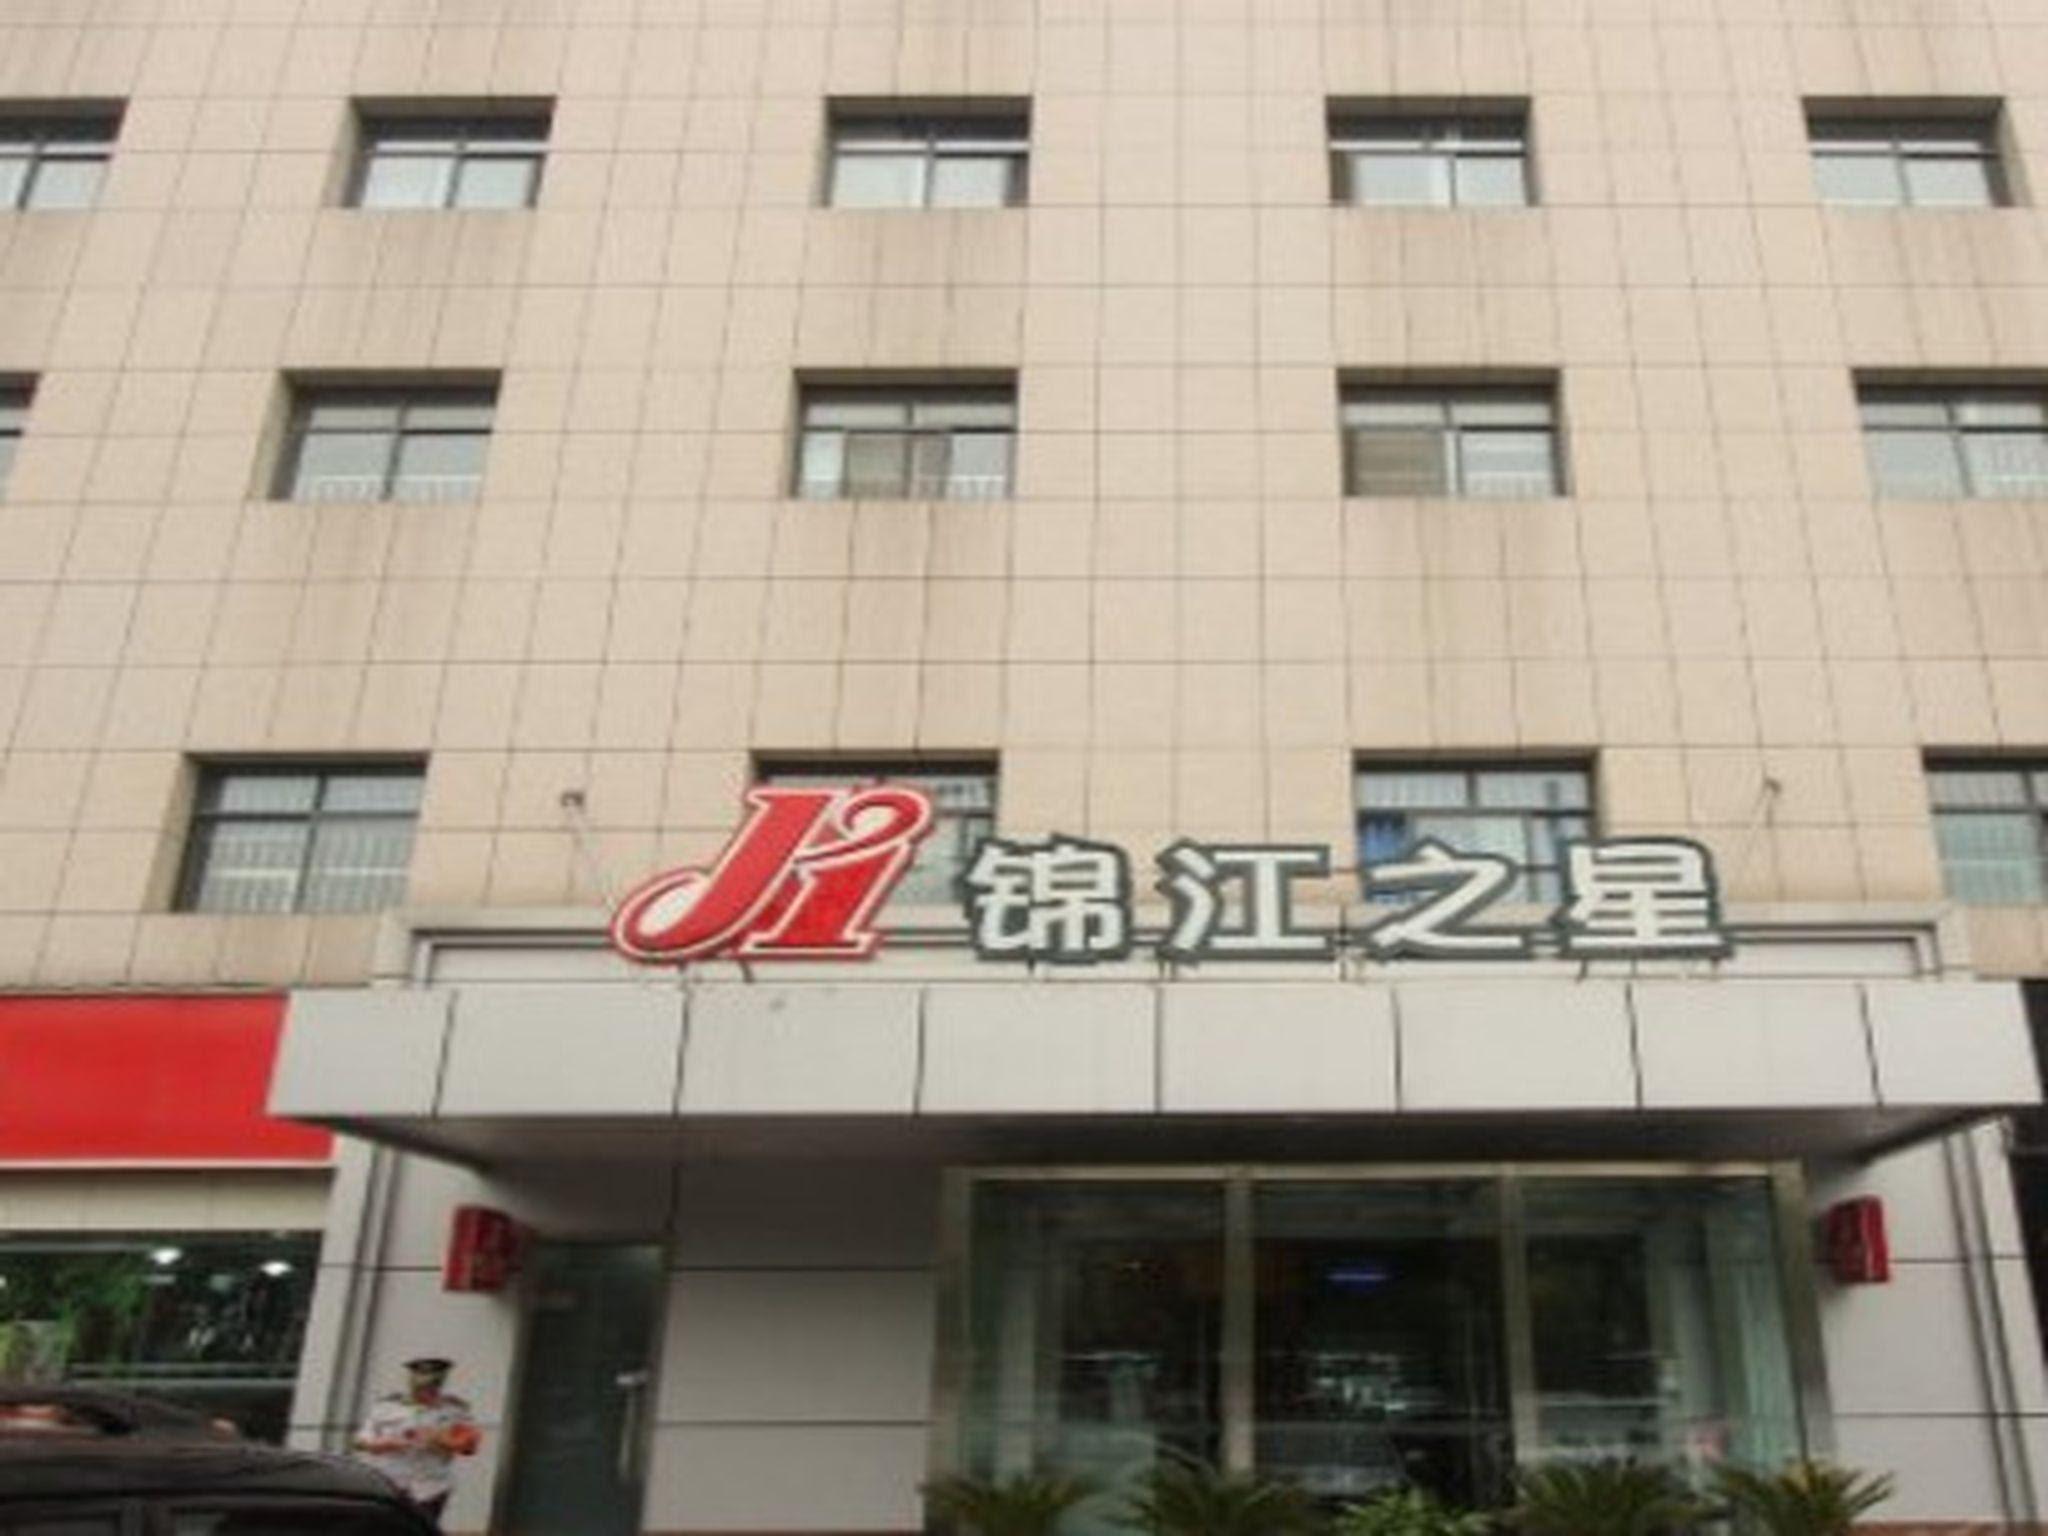 Discount JInjiang Inn Wuhan Xu East Street Branch